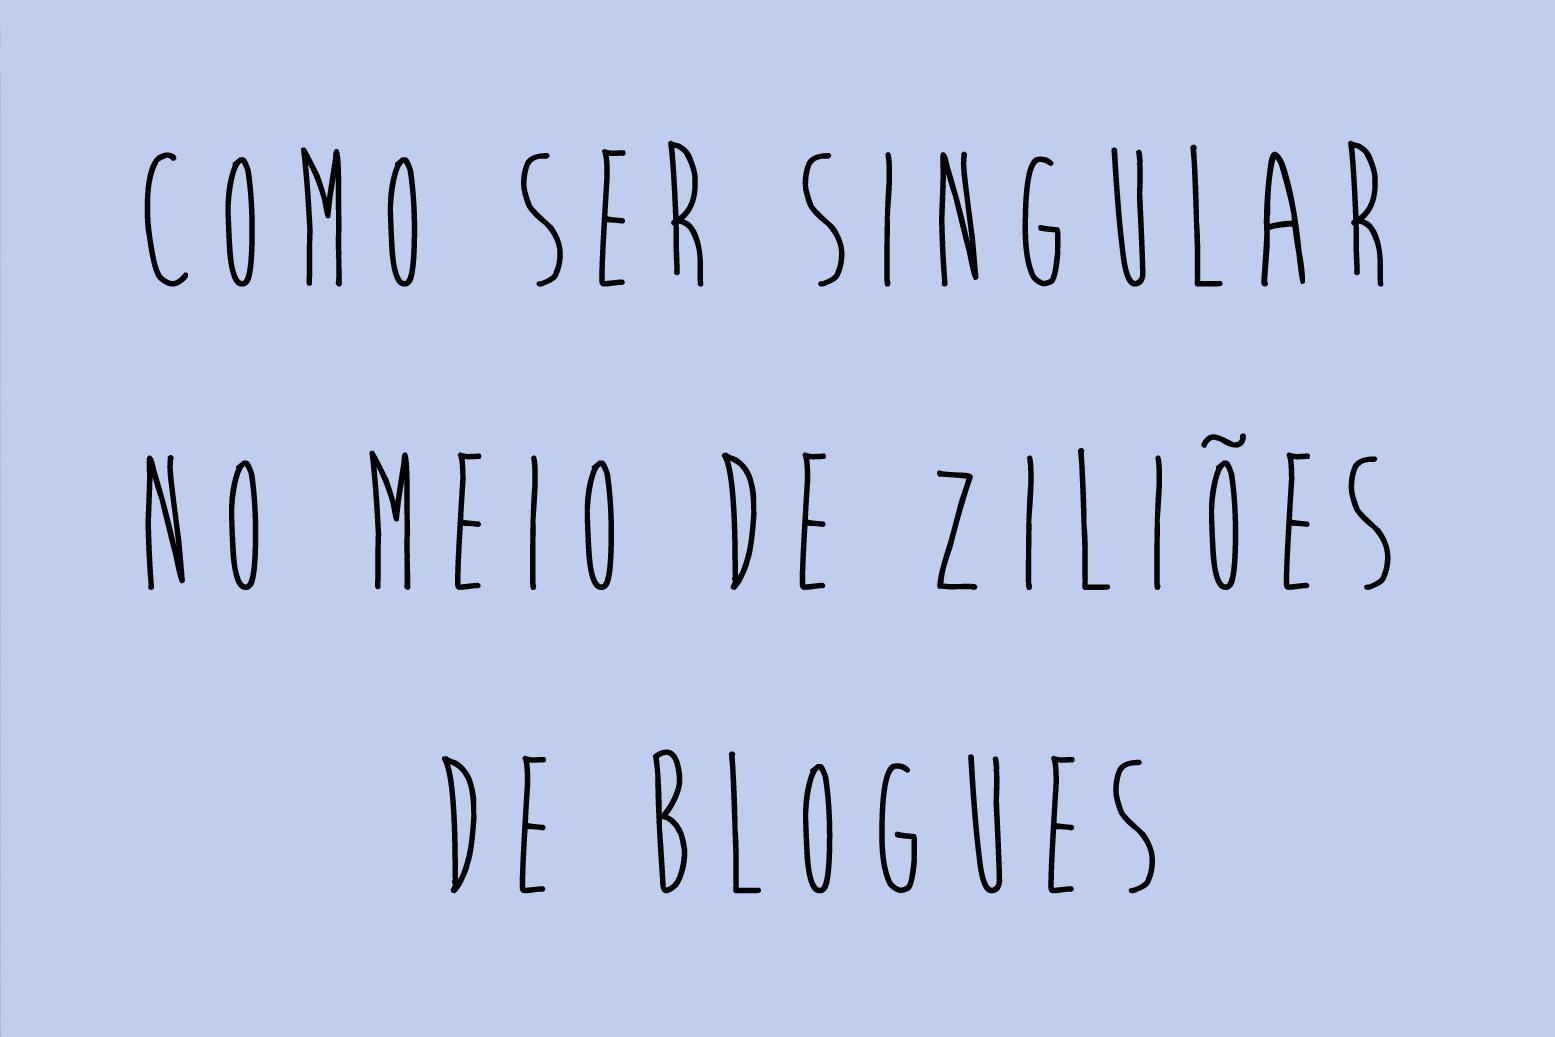 Como ser singular no meio de ziliões de blogues